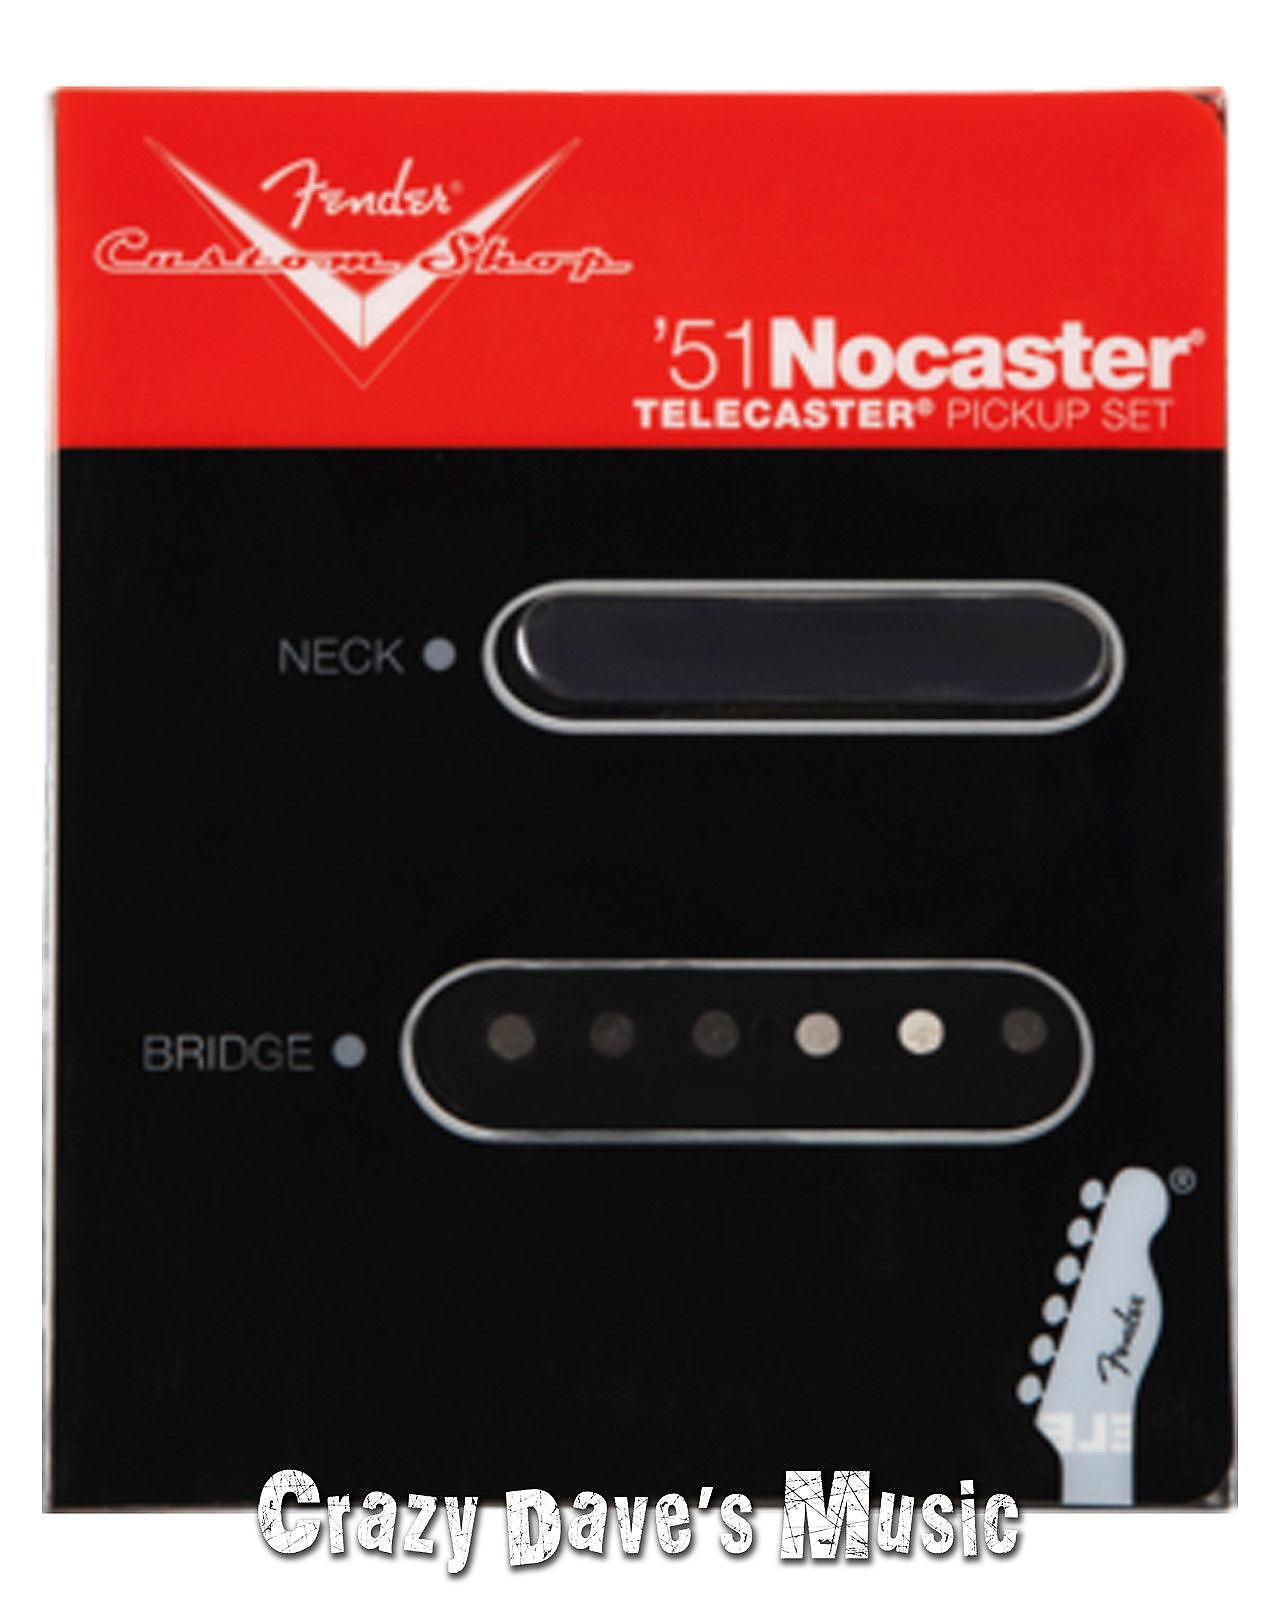 Fender Custom Shop 51 Nocaster Set on